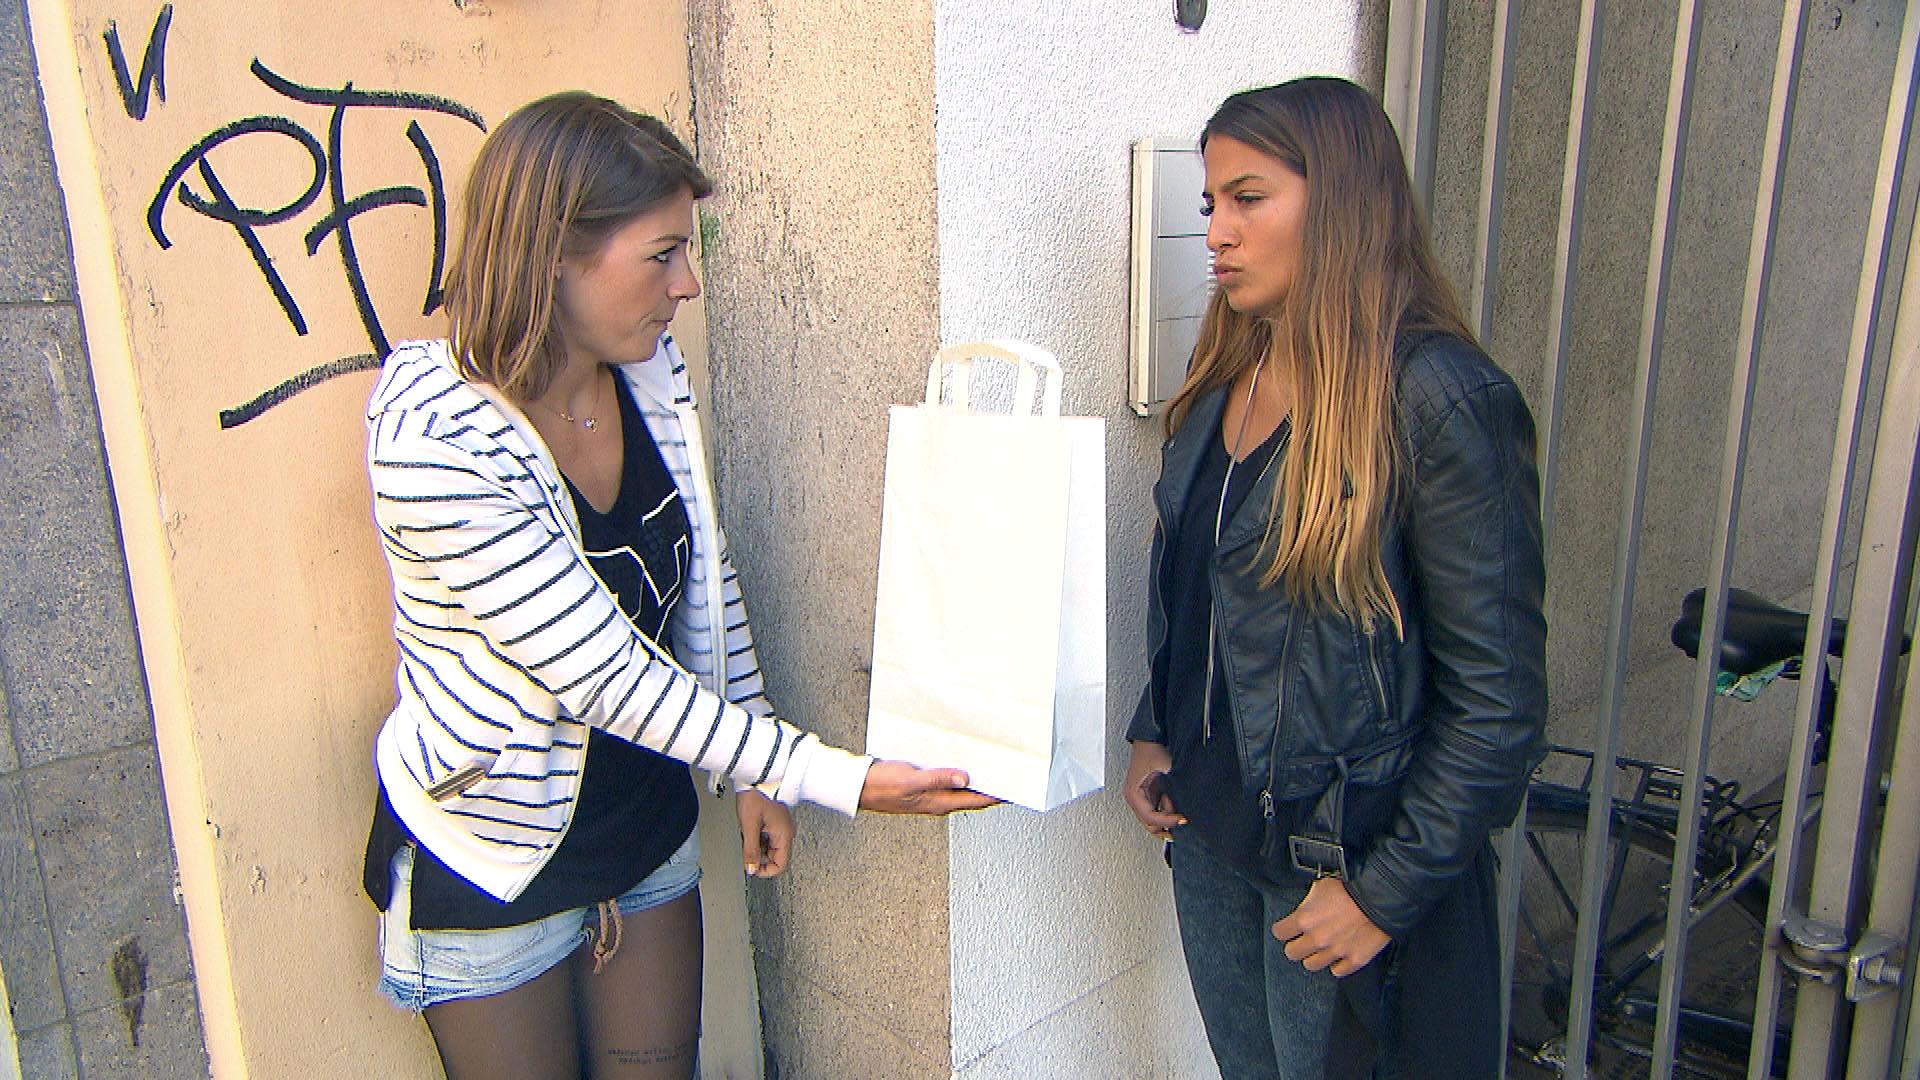 Alina (li.) wird von Alessia (re.) zu einer gemeinsamen Shopping-Tour überredet. Obwohl Alina eigentlich nicht auf Shopping steht, hat sie unerwartet viel Spaß und gibt die Heldin, als sie ein verloren geglaubtes Kleid für Alessia zurückerobert. (Quelle: RTL 2)